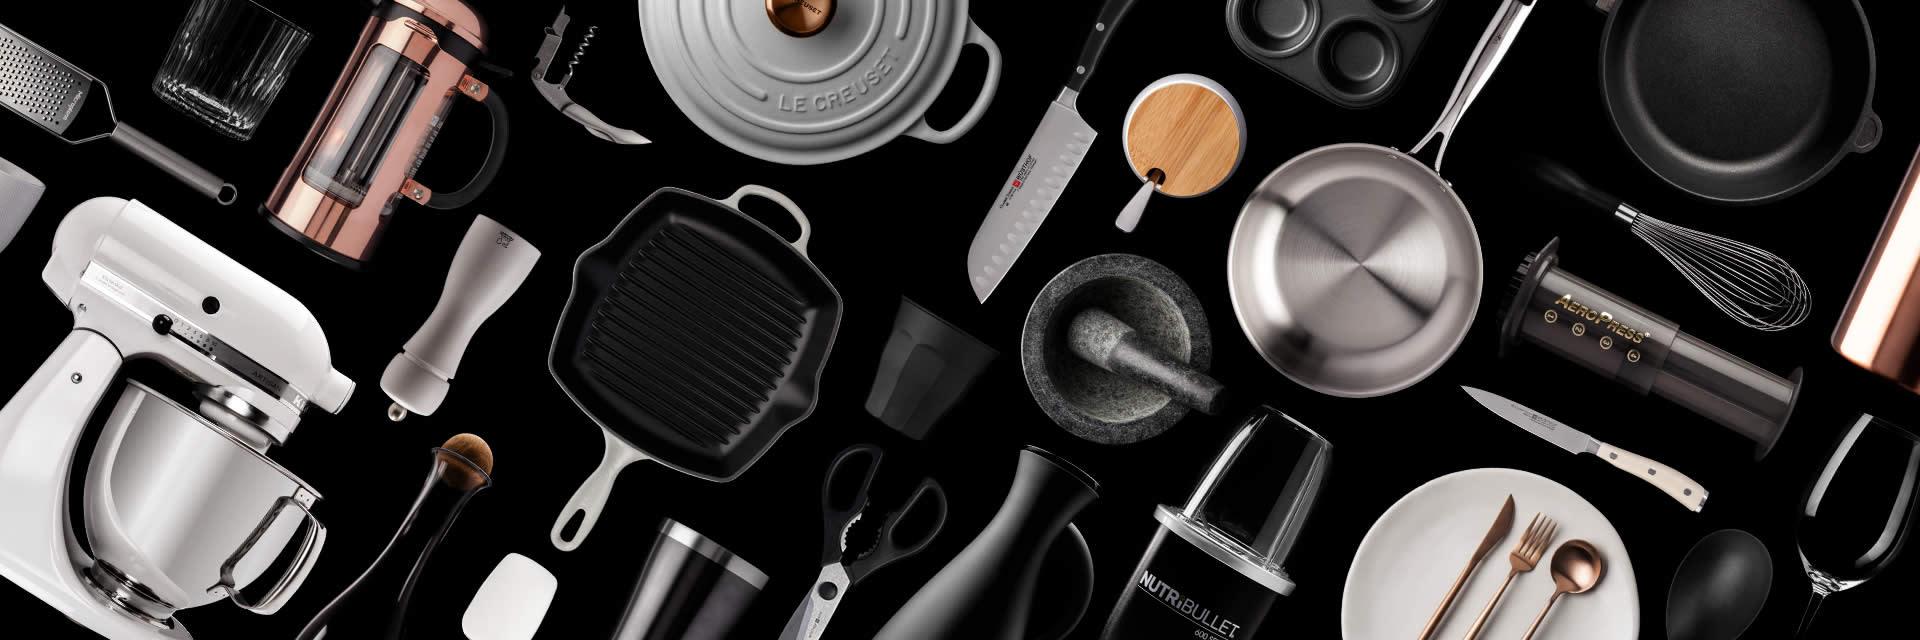 About Yuppiechef Sa S Premier Online Kitchen Homeware Store